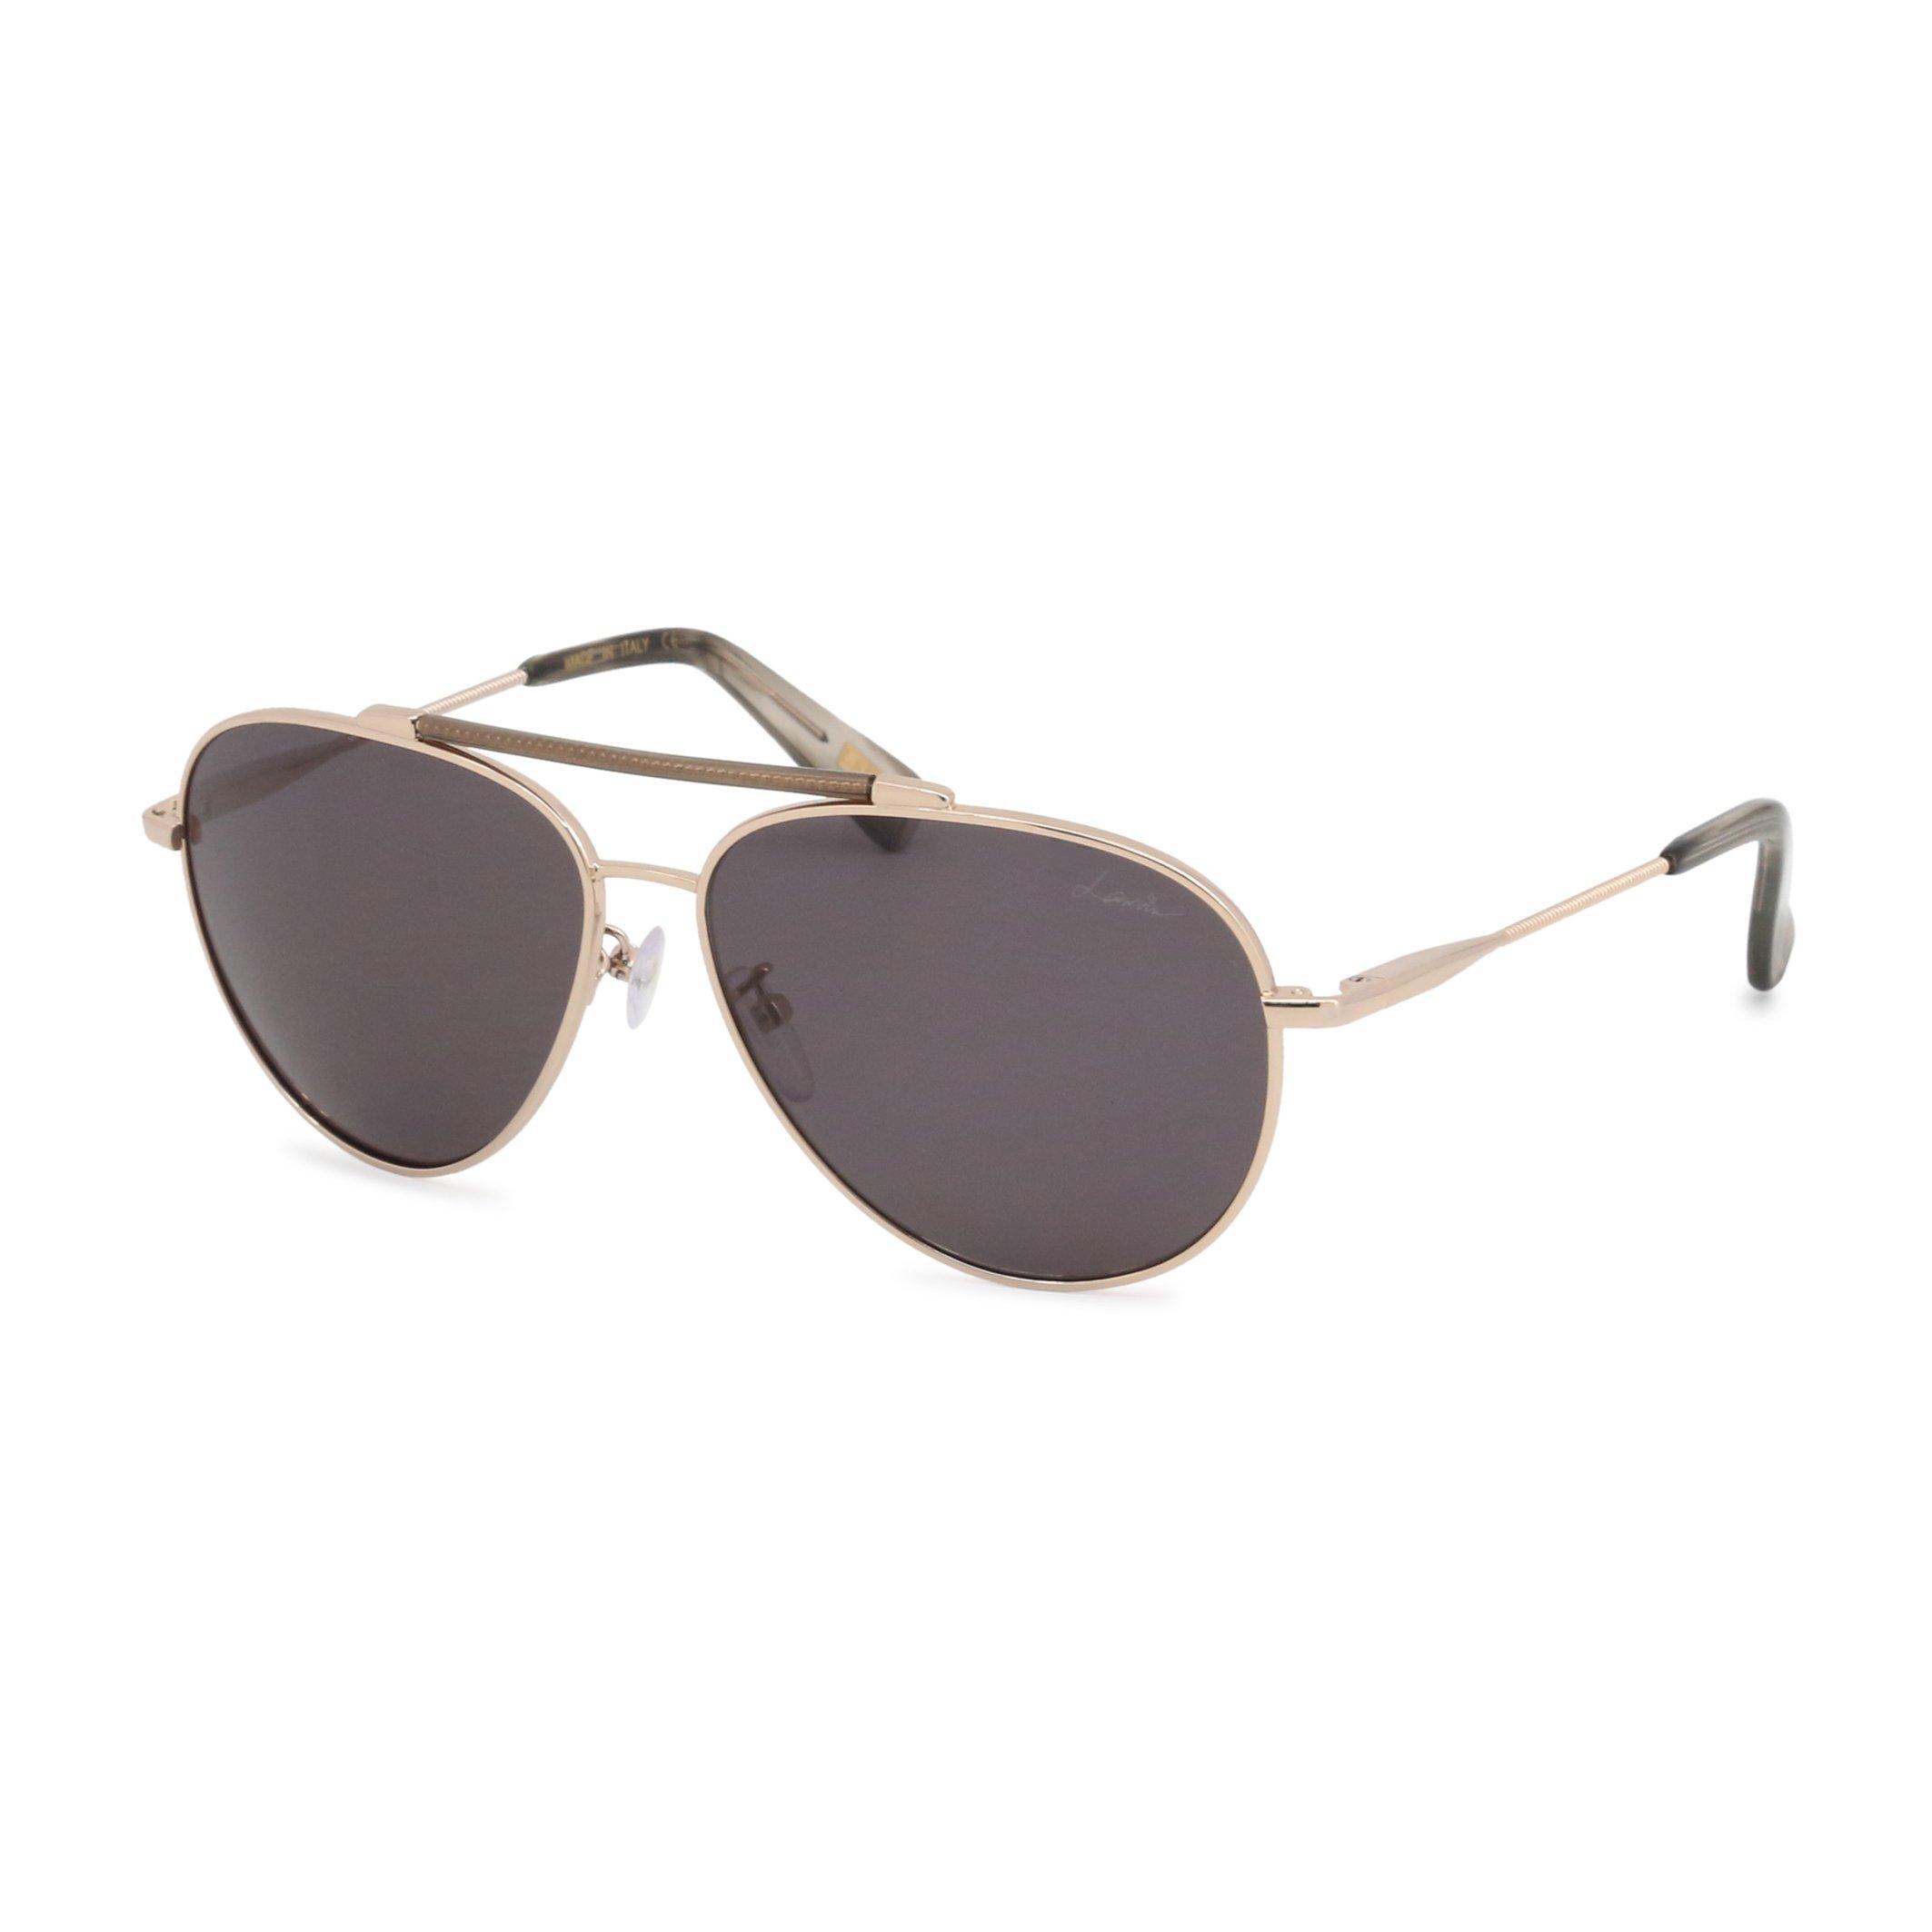 Lanvin Men's Sunglasses Various Colours SLN065M - yellow-1 NOSIZE